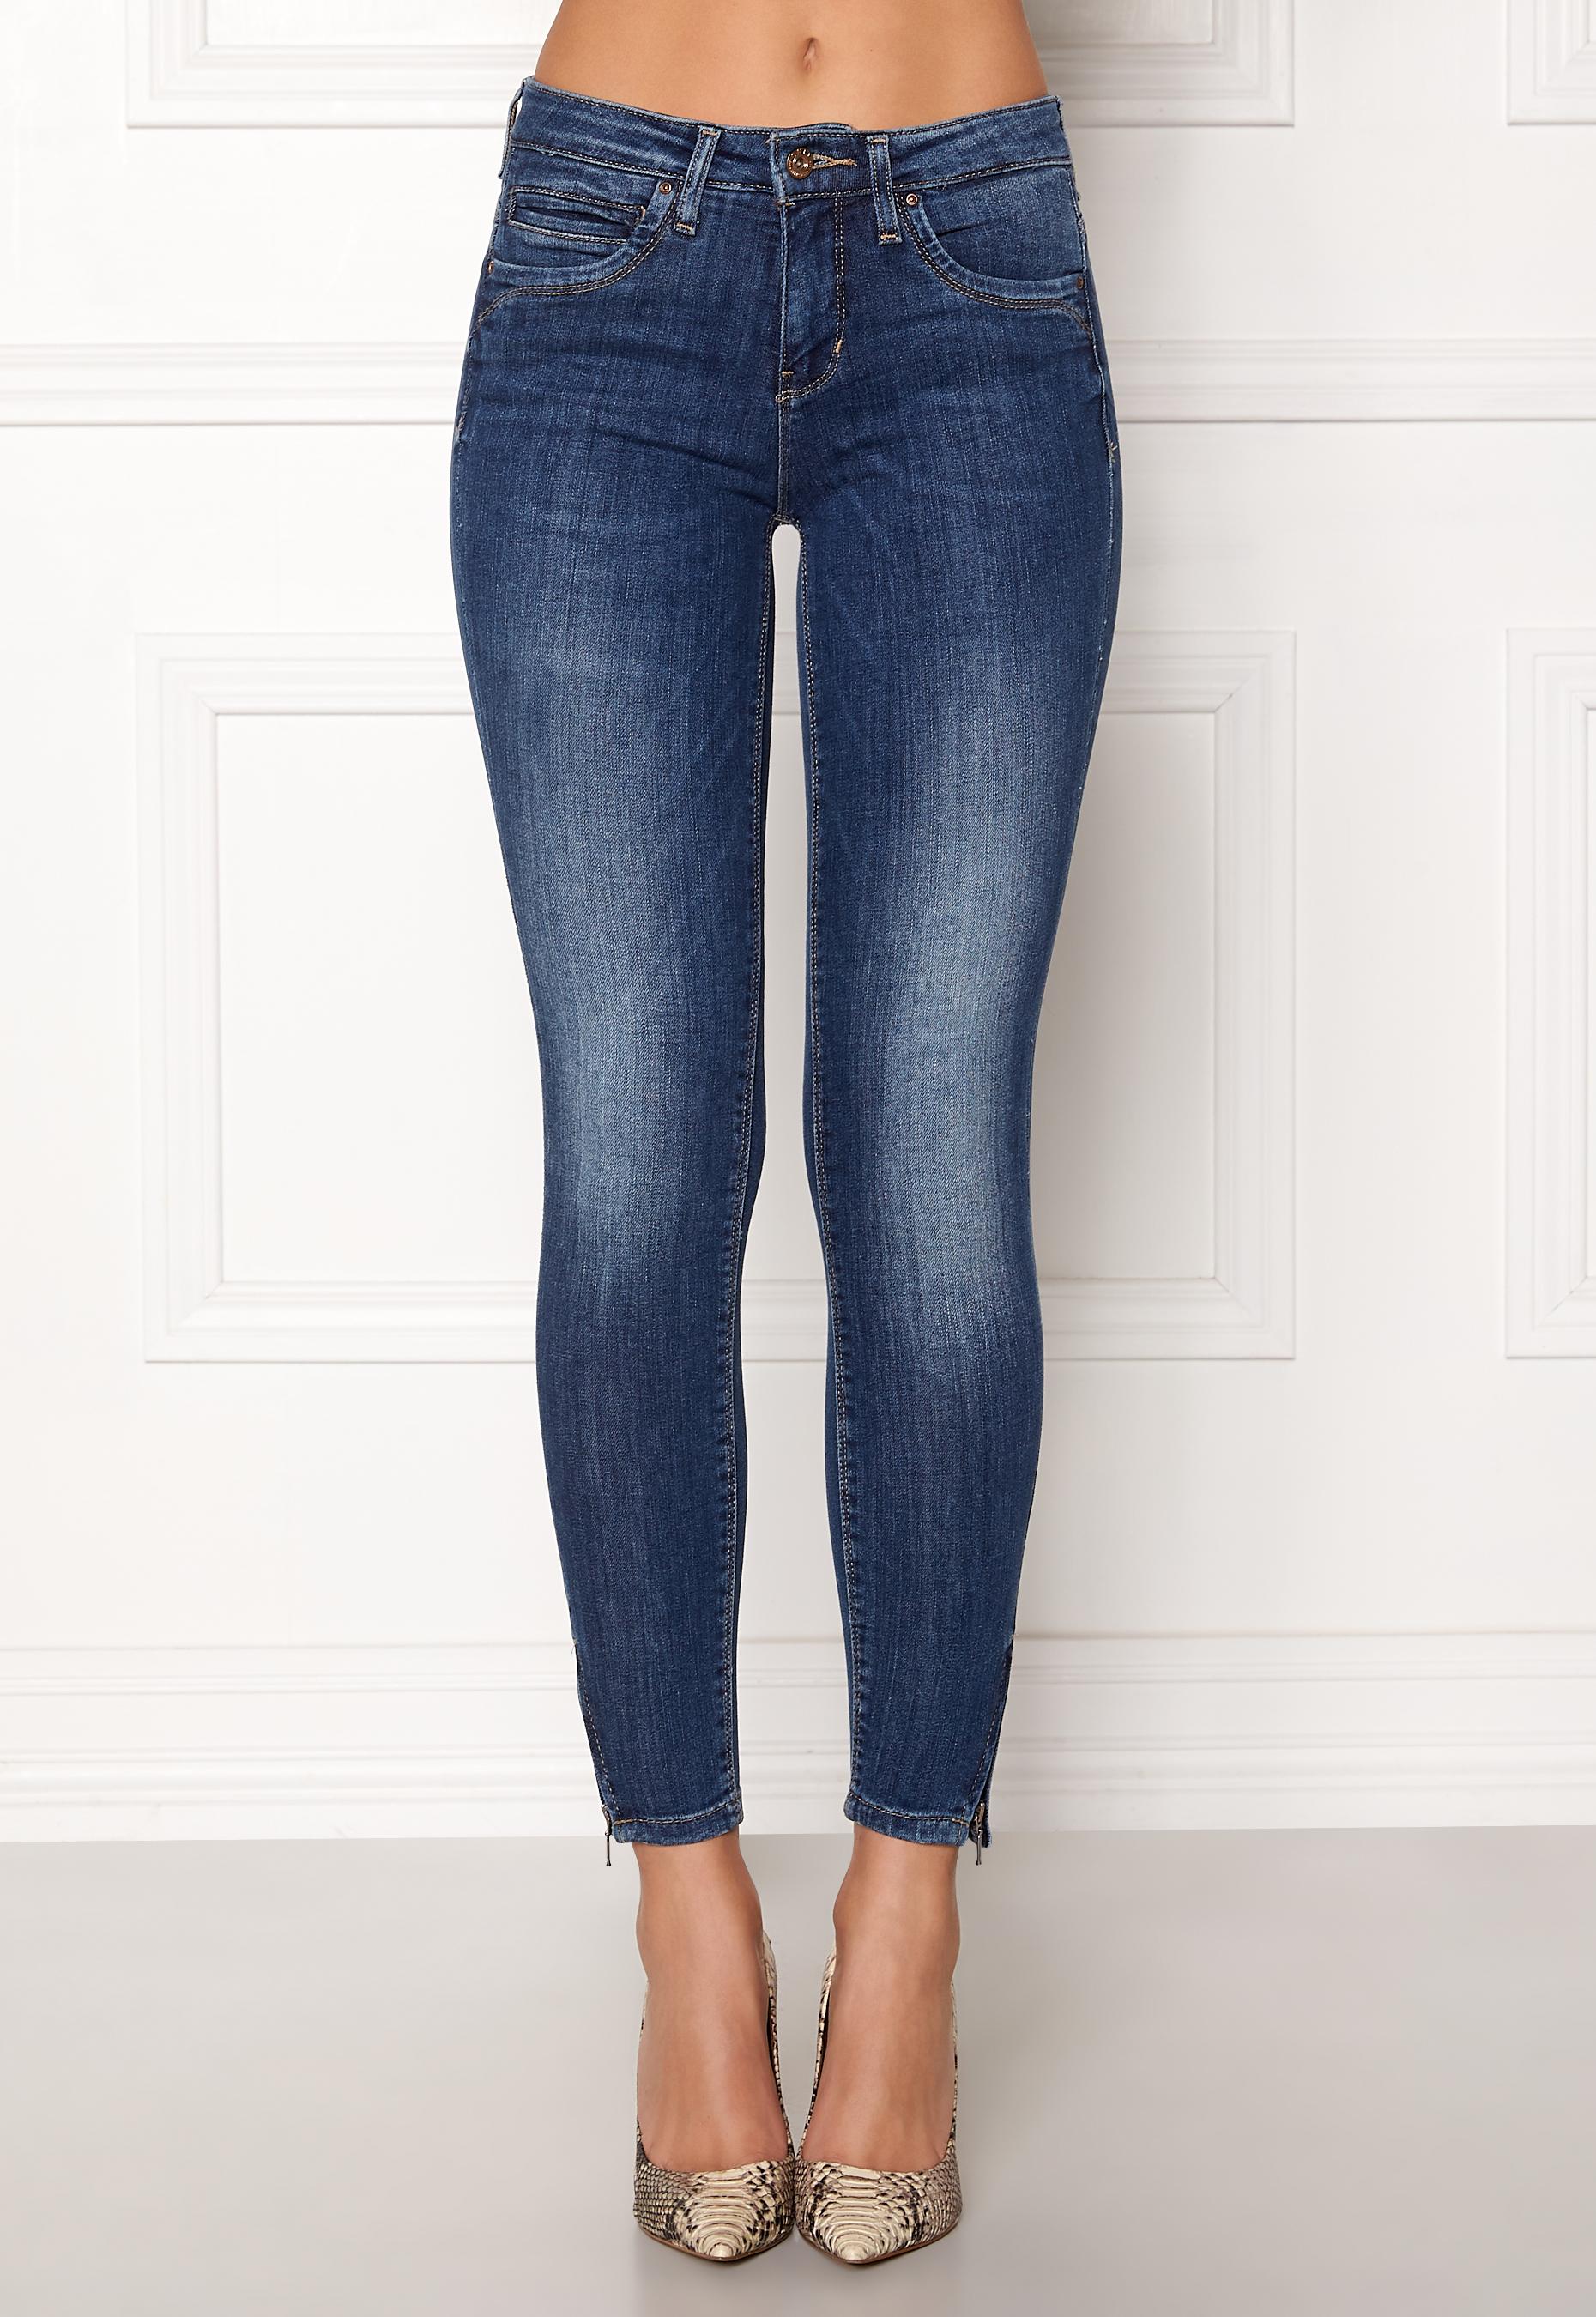 165759f23a ONLY Kendell Regular Skinny Ankle Jeans Medium Blue Denim - Bubbleroom